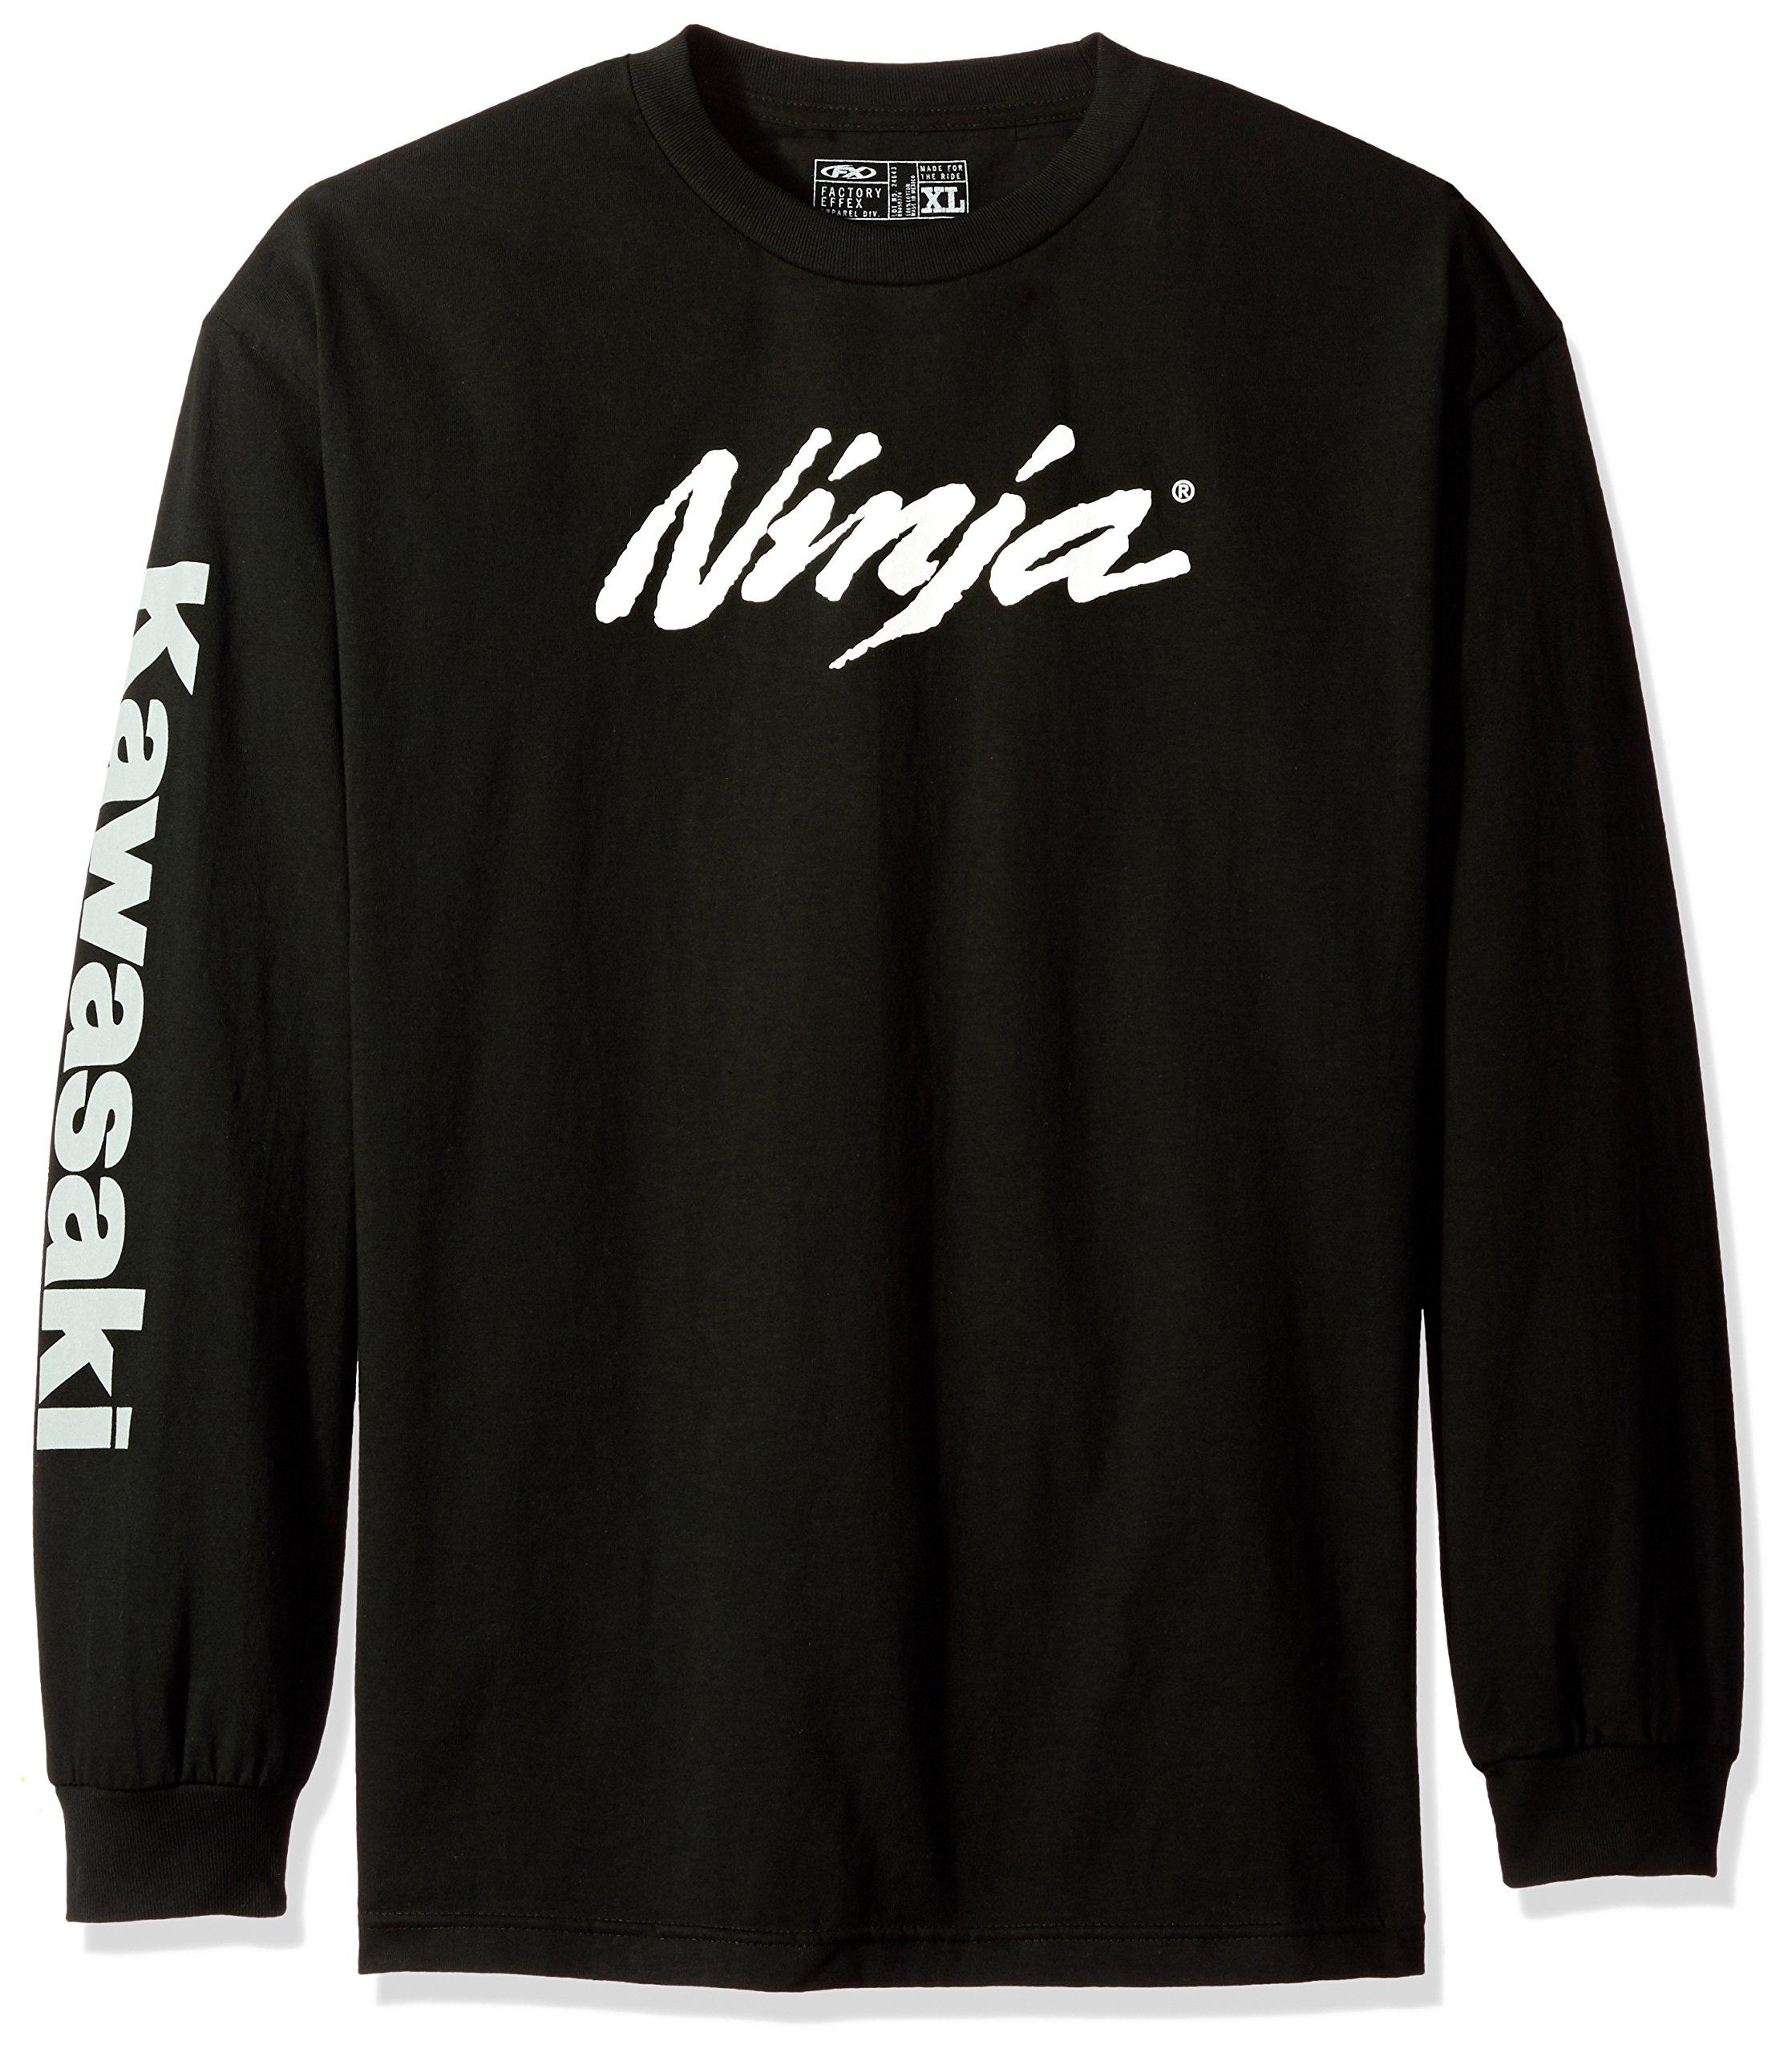 Factory Effex (17-87112) Ninja Long Sleeve T-Shirt (Black, Medium)